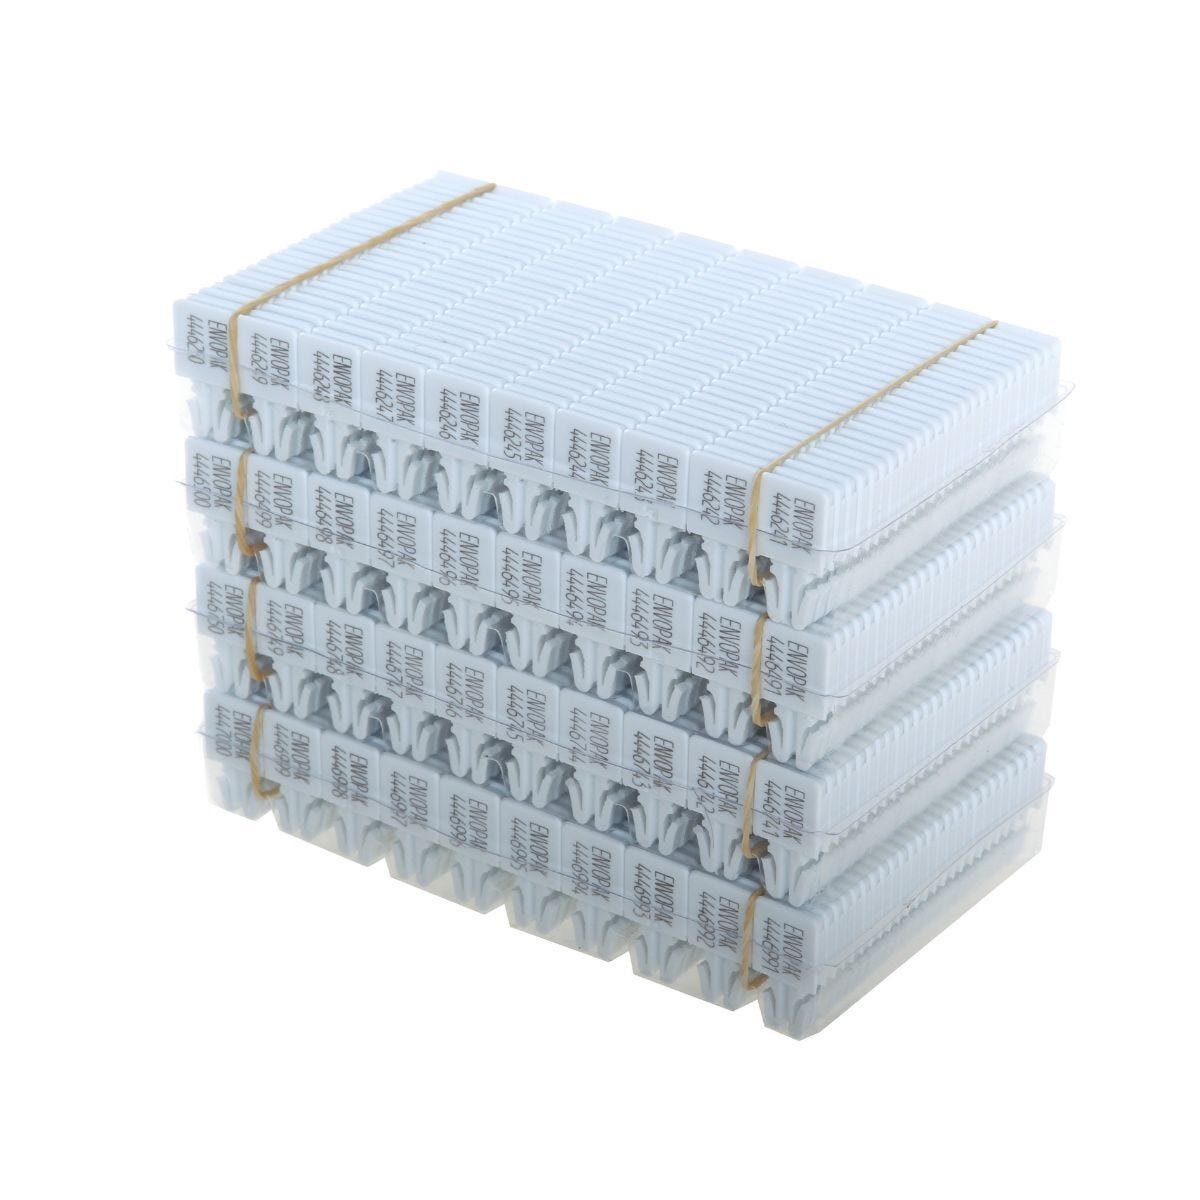 Envopak Seals Box of 1000